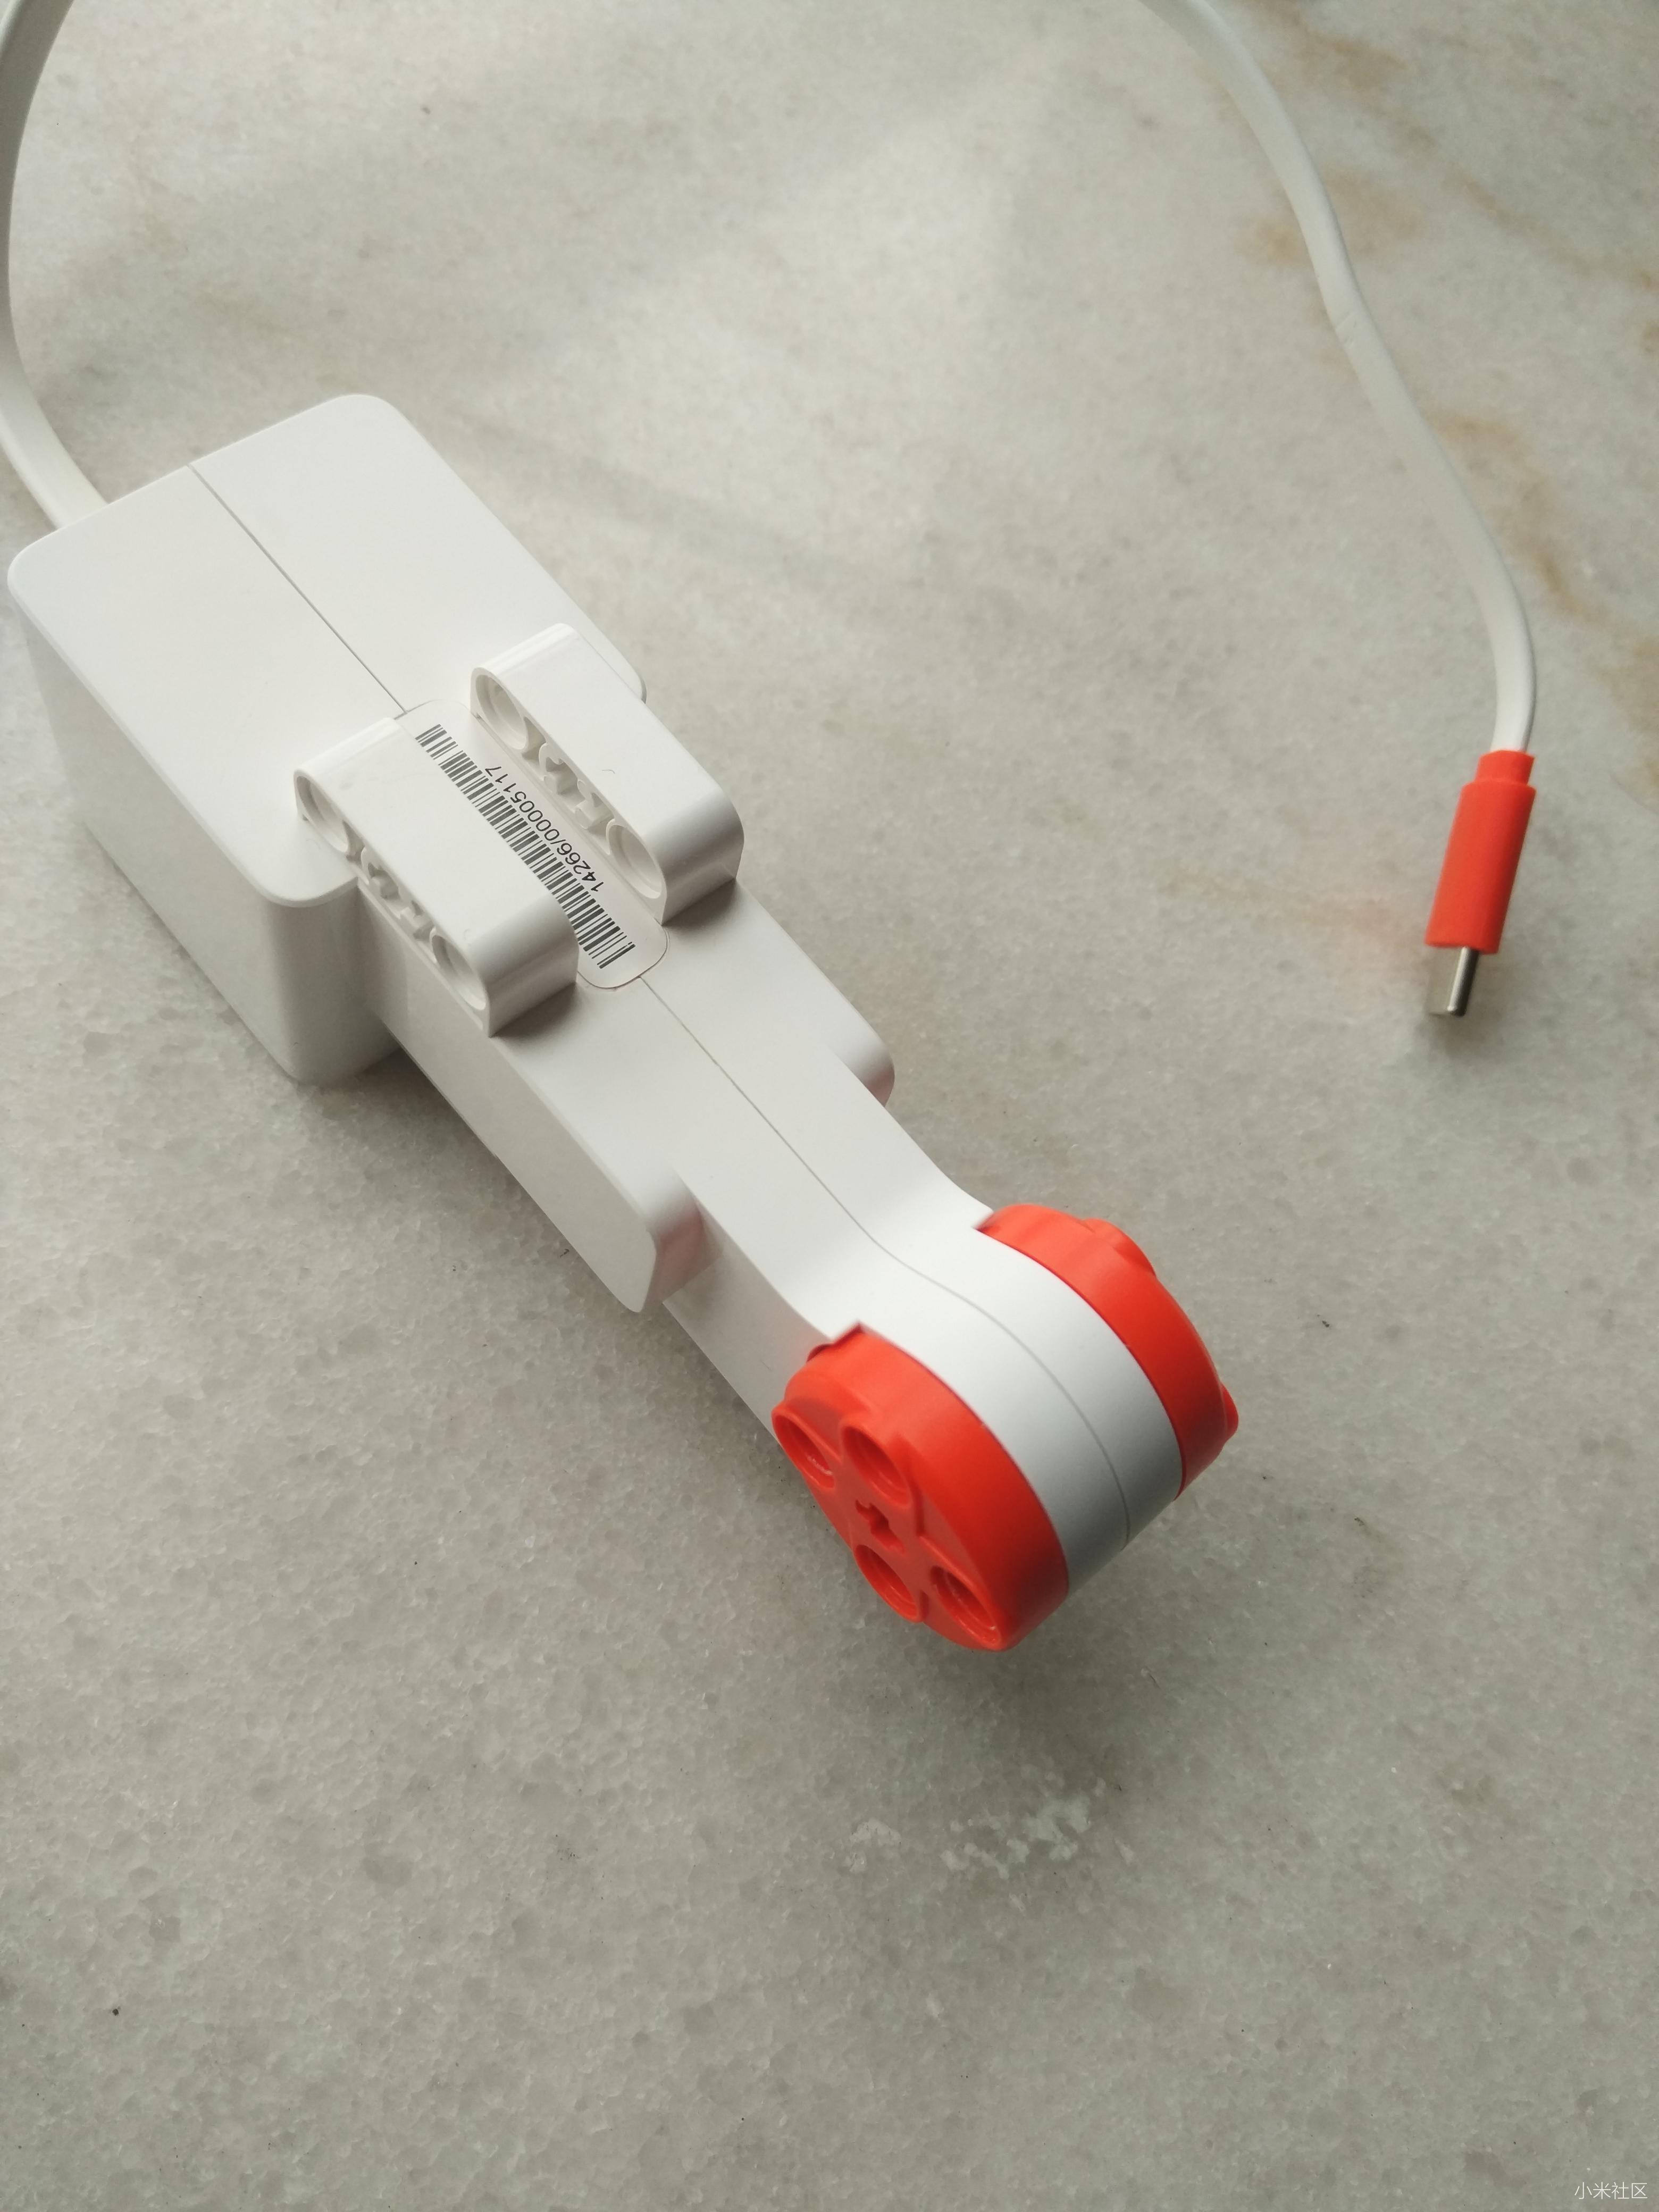 米兔积木机器人 老司机带你玩转米兔积木机器人